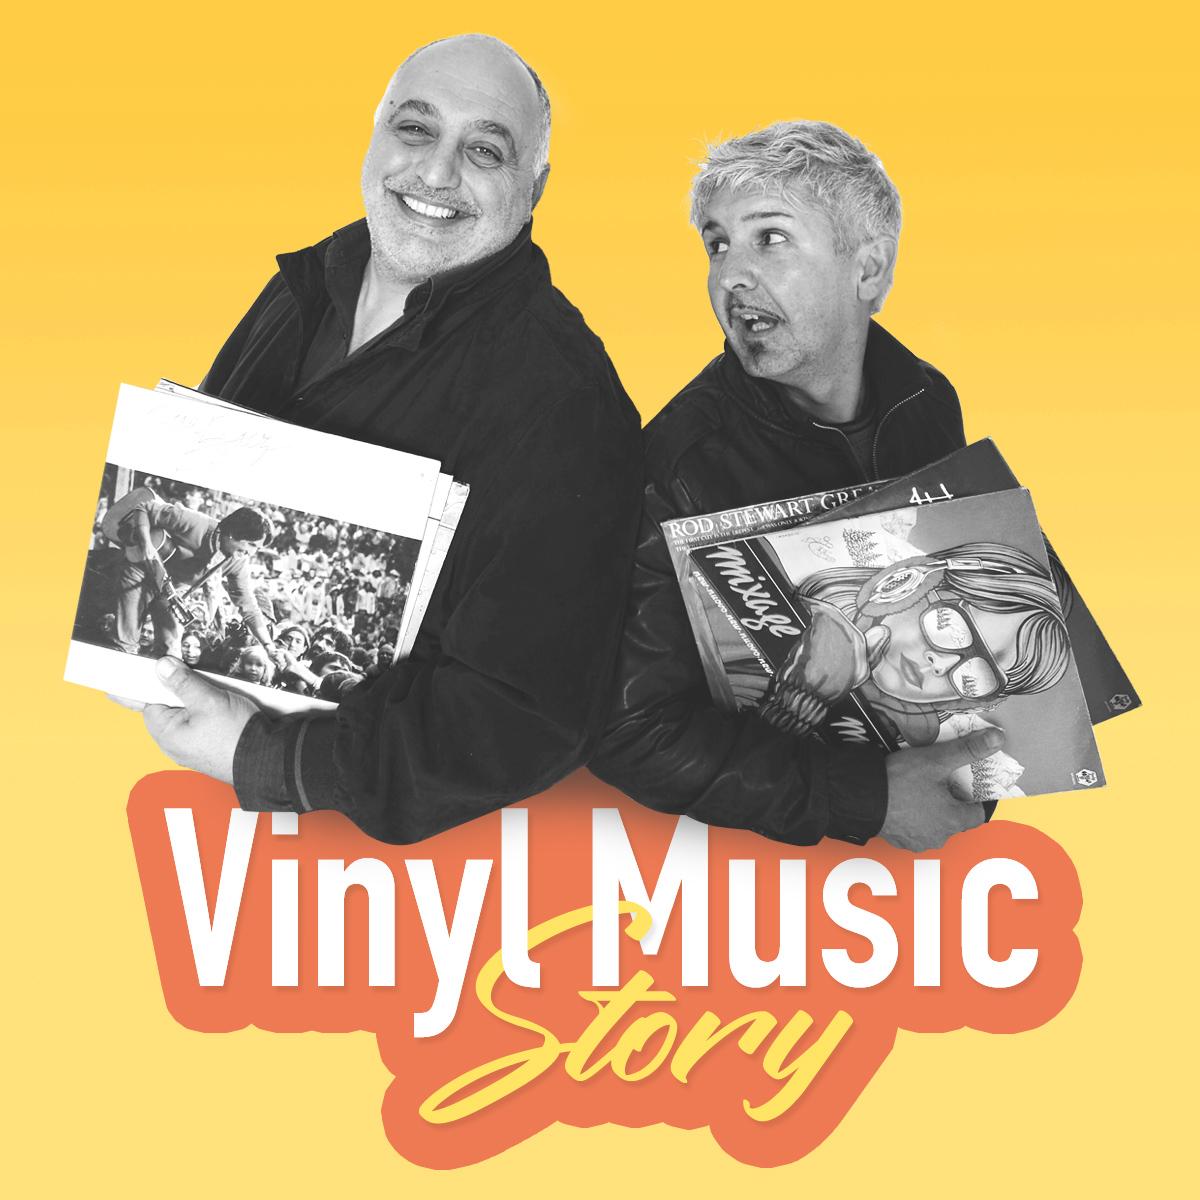 Vinyl Music Story